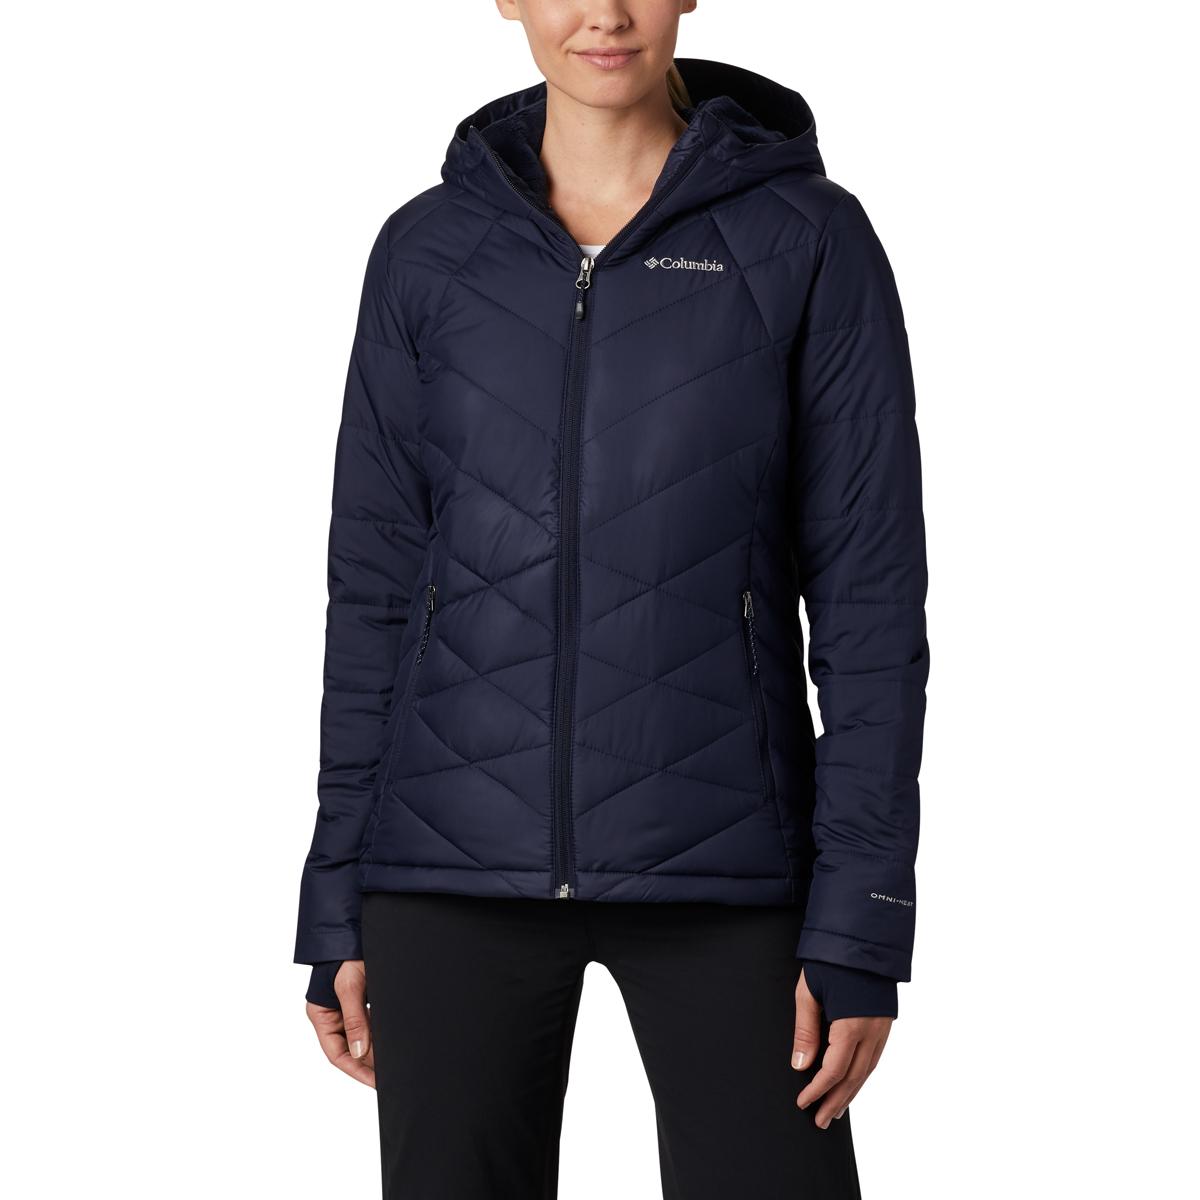 Columbia Women's Heavenly Hooded Jacket - Blue, L